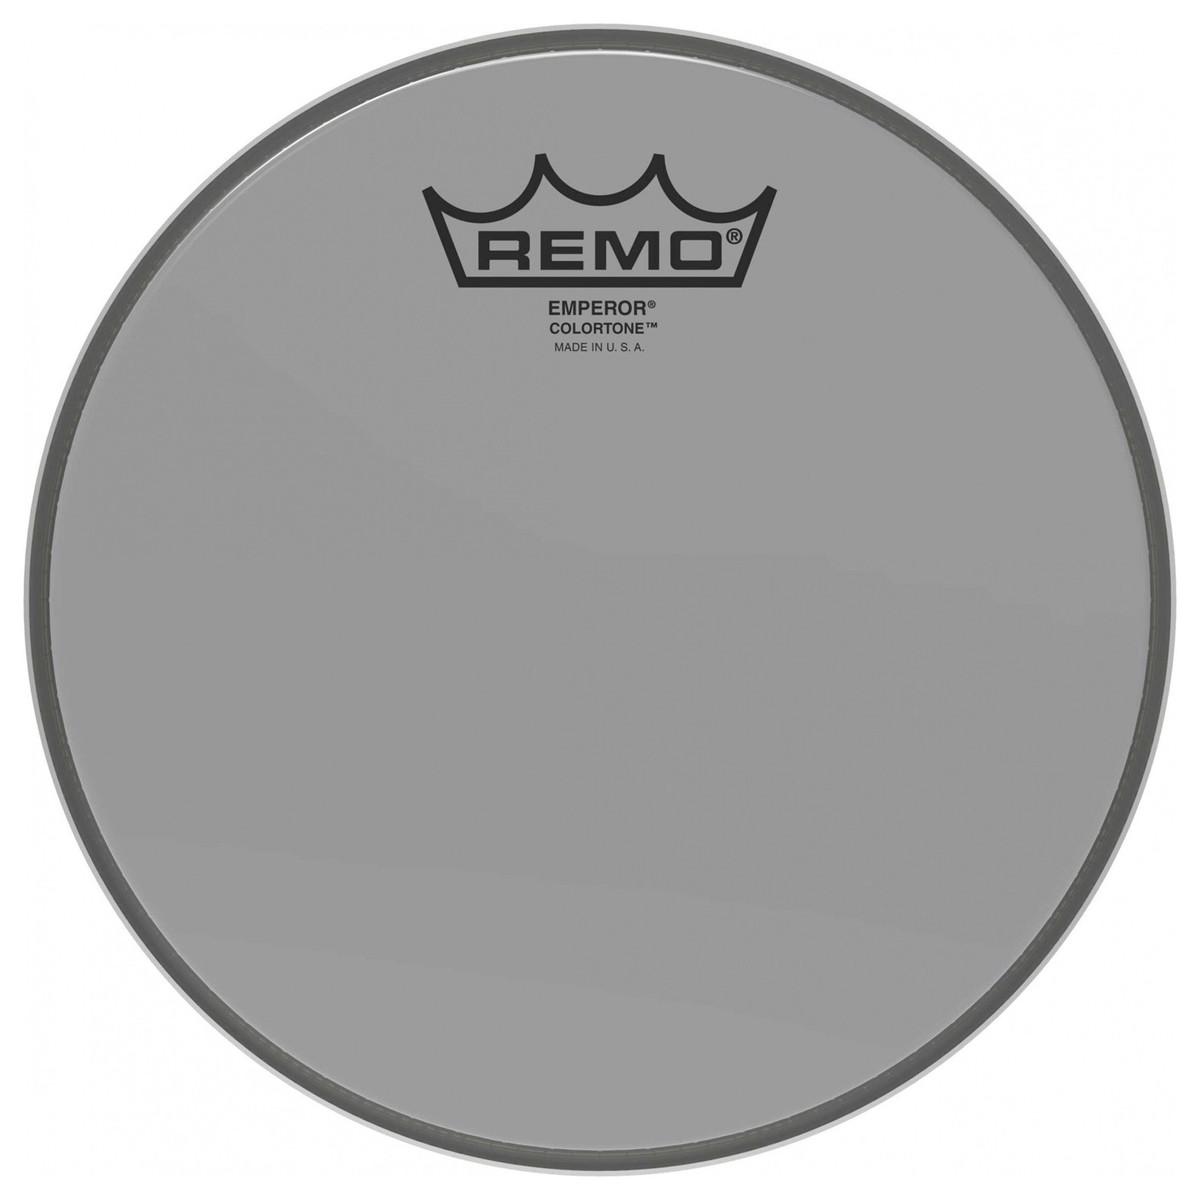 Remo Emperor Colortone 18 Smoke Drum Head